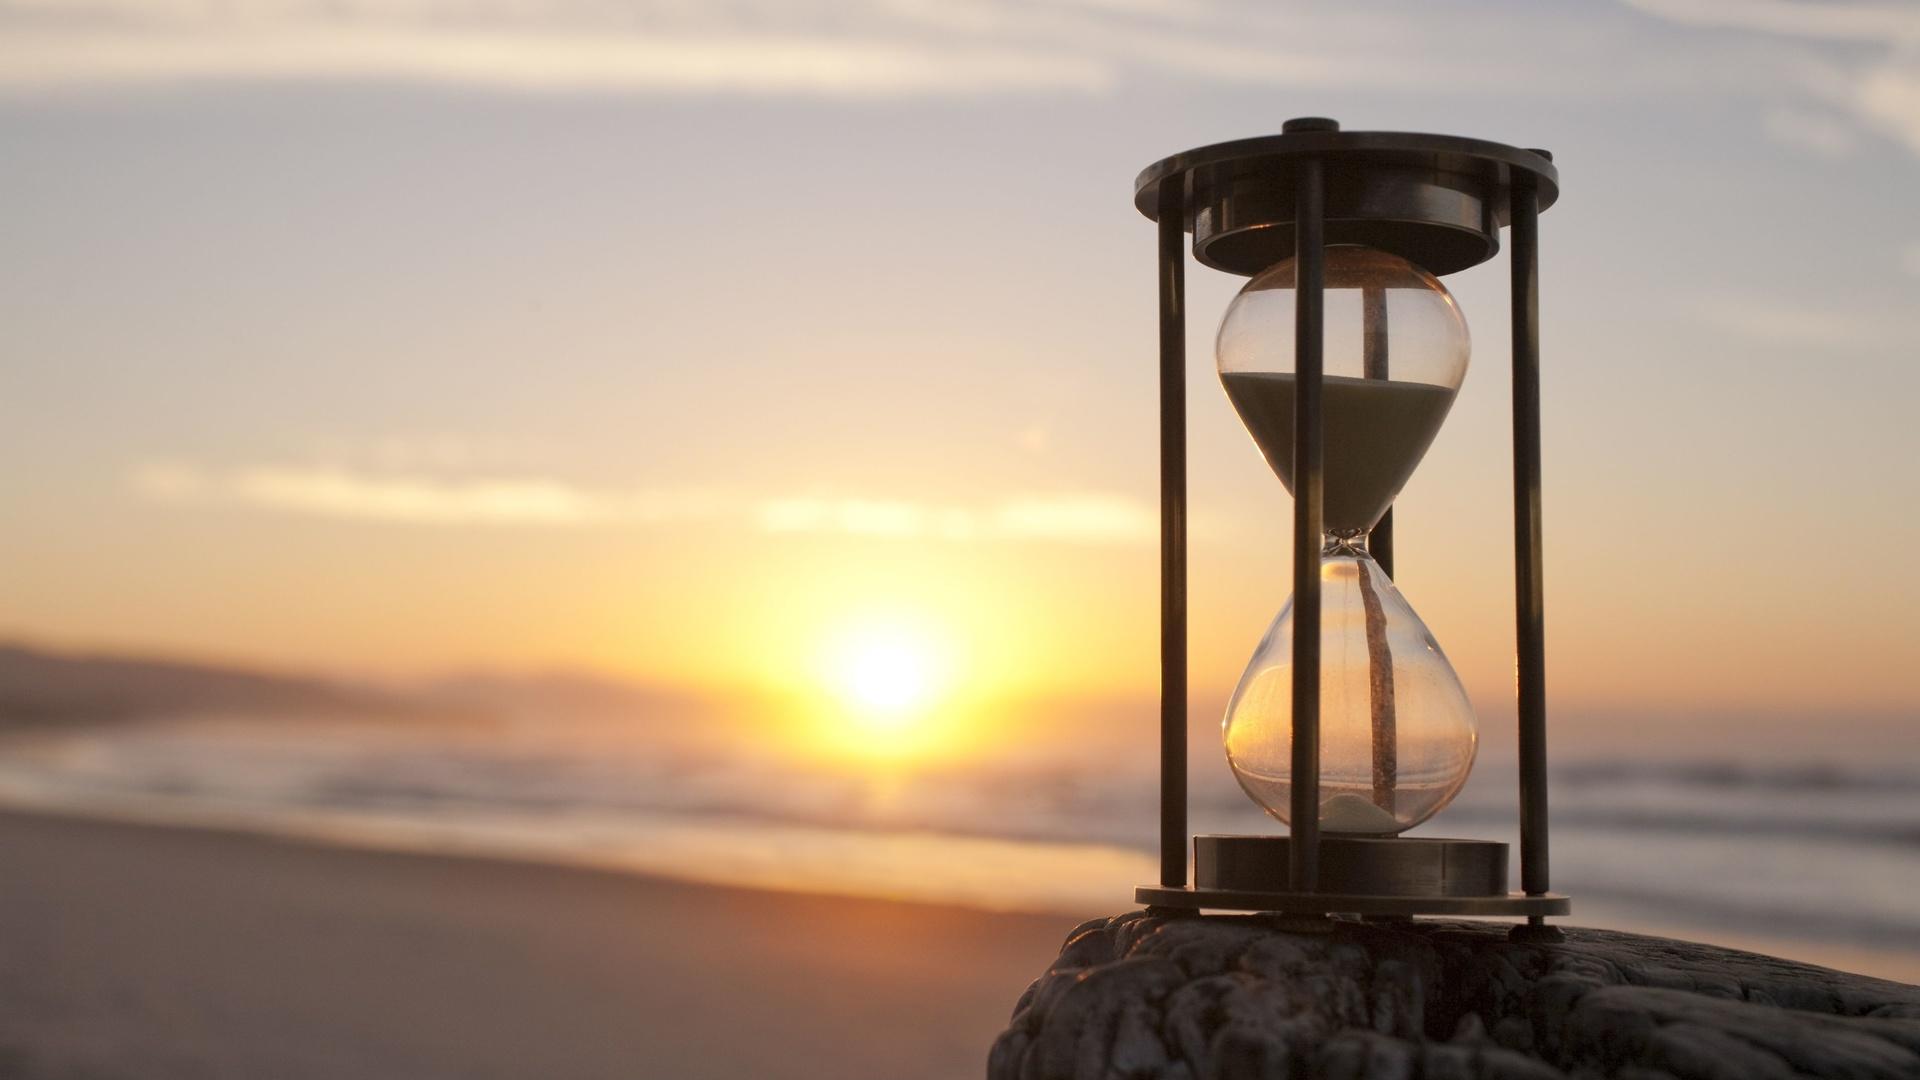 Картинках, картинка про время со смыслом